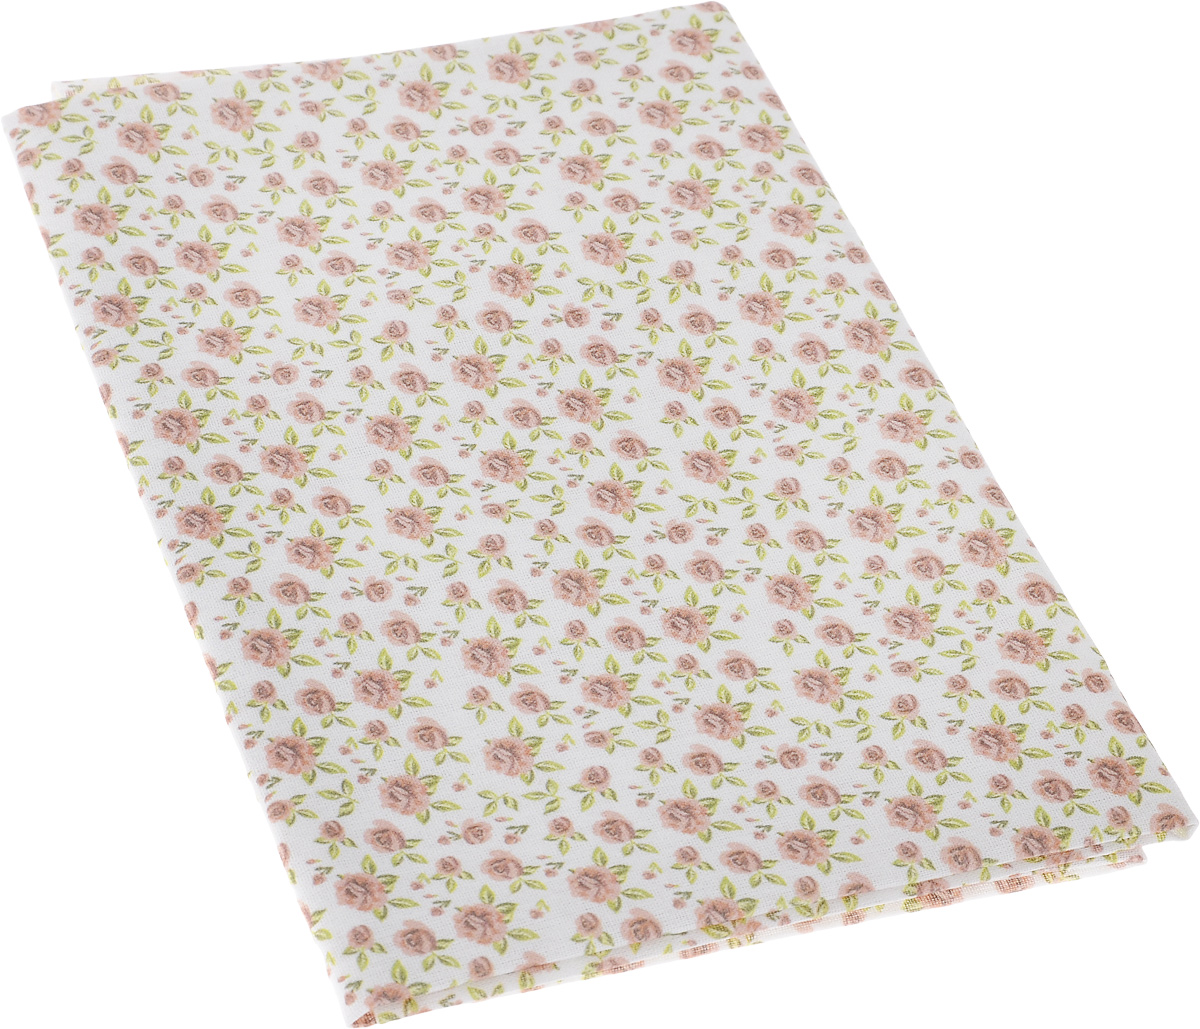 """Ткань Артмикс """"Винтажные розы"""",  изготовленная из 100% хлопка, предназначена для  пошива одеял, покрывал, сумок, аппликаций и  прочих изделий в технике пэчворк. Также подходит  для пошива кукол,  аксессуаров и одежды.   Пэчворк - это вид рукоделия, при котором по  принципу мозаики сшивается  цельное изделие из кусочков ткани (лоскутков).   Плотность ткани: 120 г/м2.  УВАЖАЕМЫЕ КЛИЕНТЫ! Обращаем ваше внимание, на тот факт, что размер  отреза может отличаться на 1-2 см."""